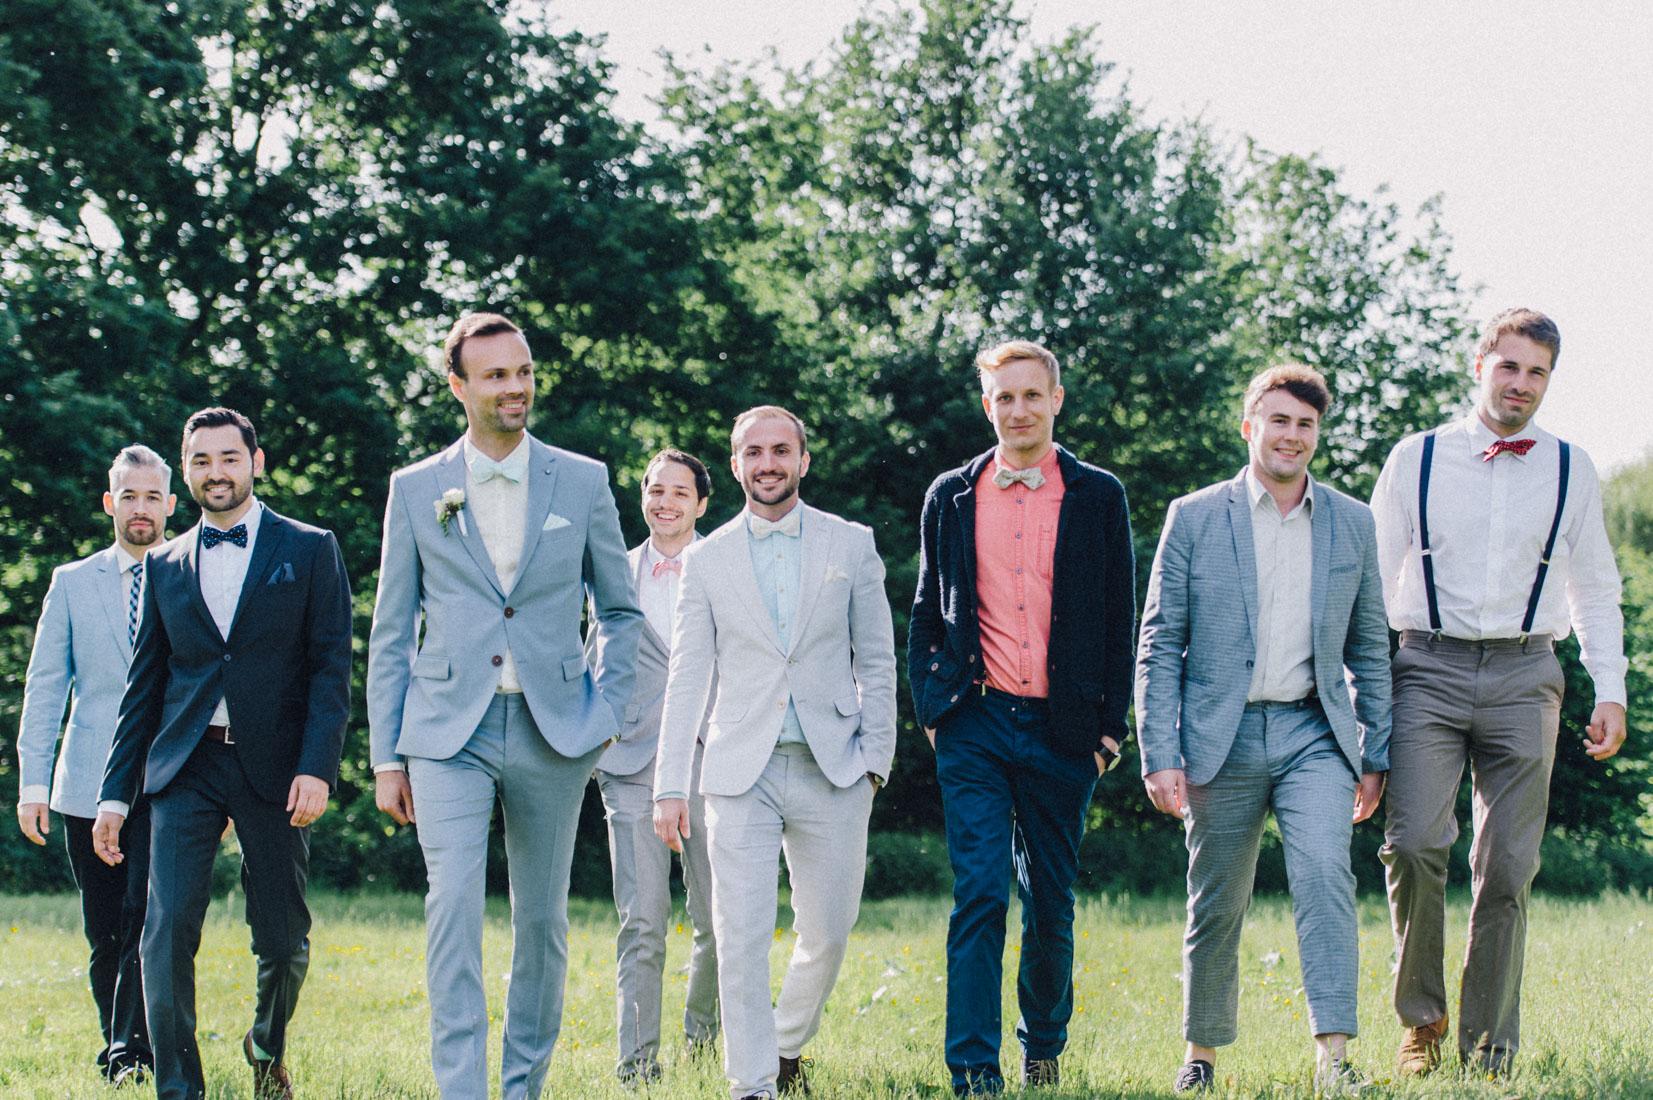 pastel-vintage-hertefeld-161 hochzeitsfotograf schloss hertefeldGalina & Robert DIY Pastel Vintage Hochzeit auf Schloss Hertefeldpastel vintage hertefeld 161